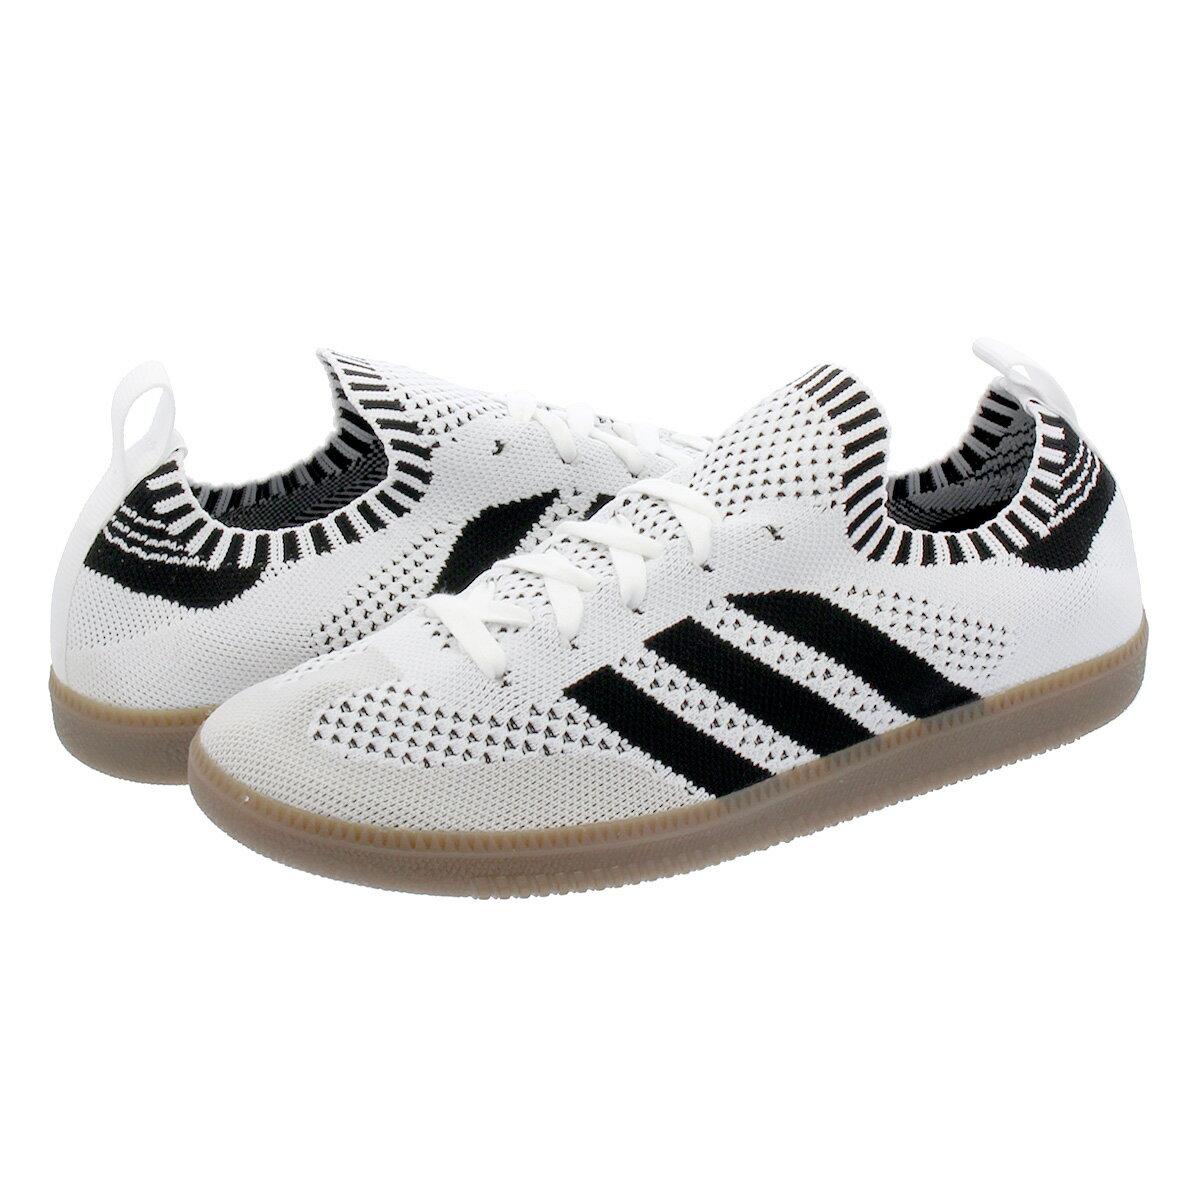 メンズ靴, スニーカー adidas SAMBA PK SOCK RUNNING WHITECORE BLACKBLUE BIRD cq2217